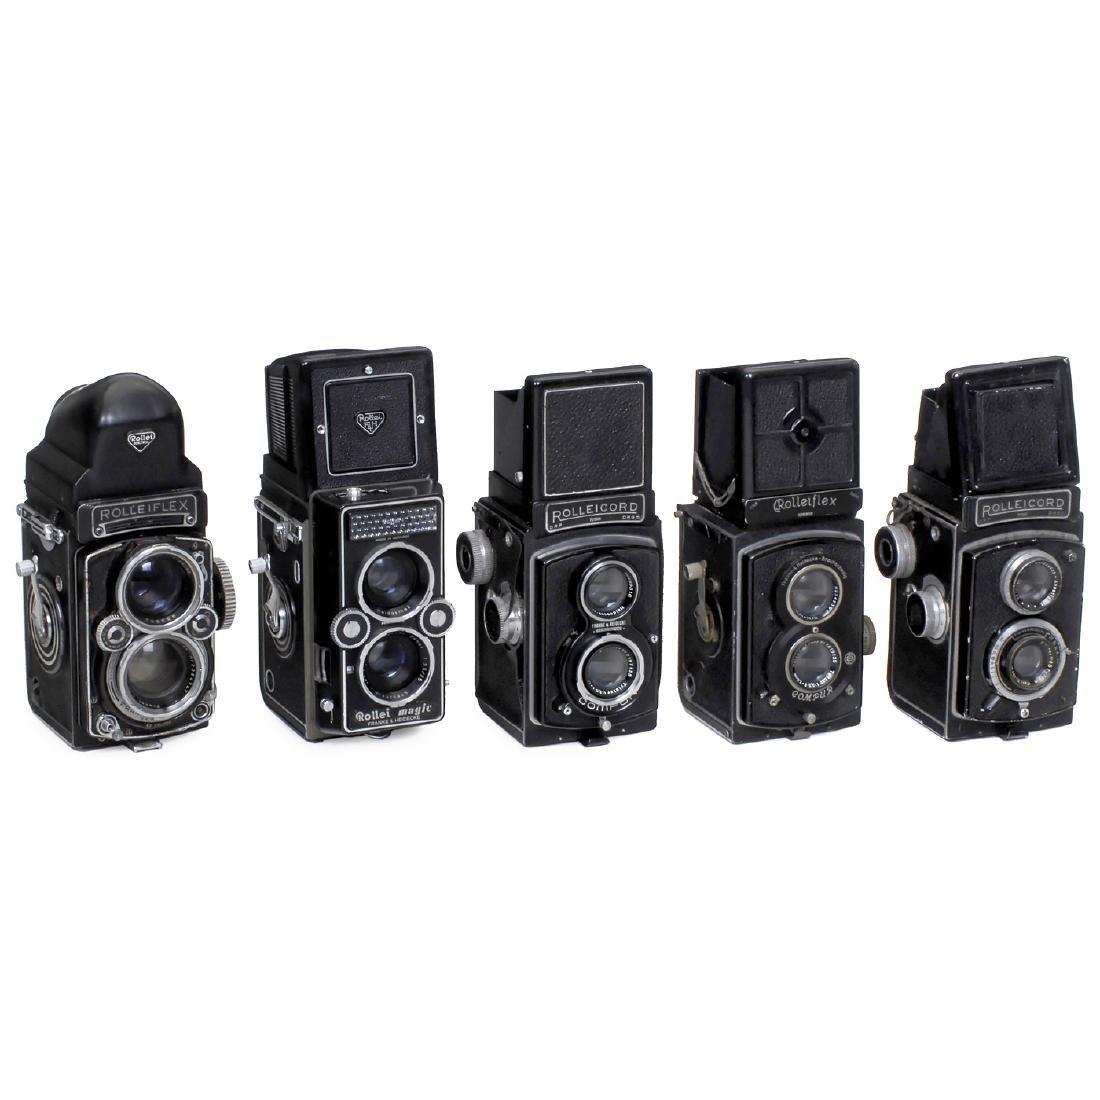 5 Rollei TLR Cameras